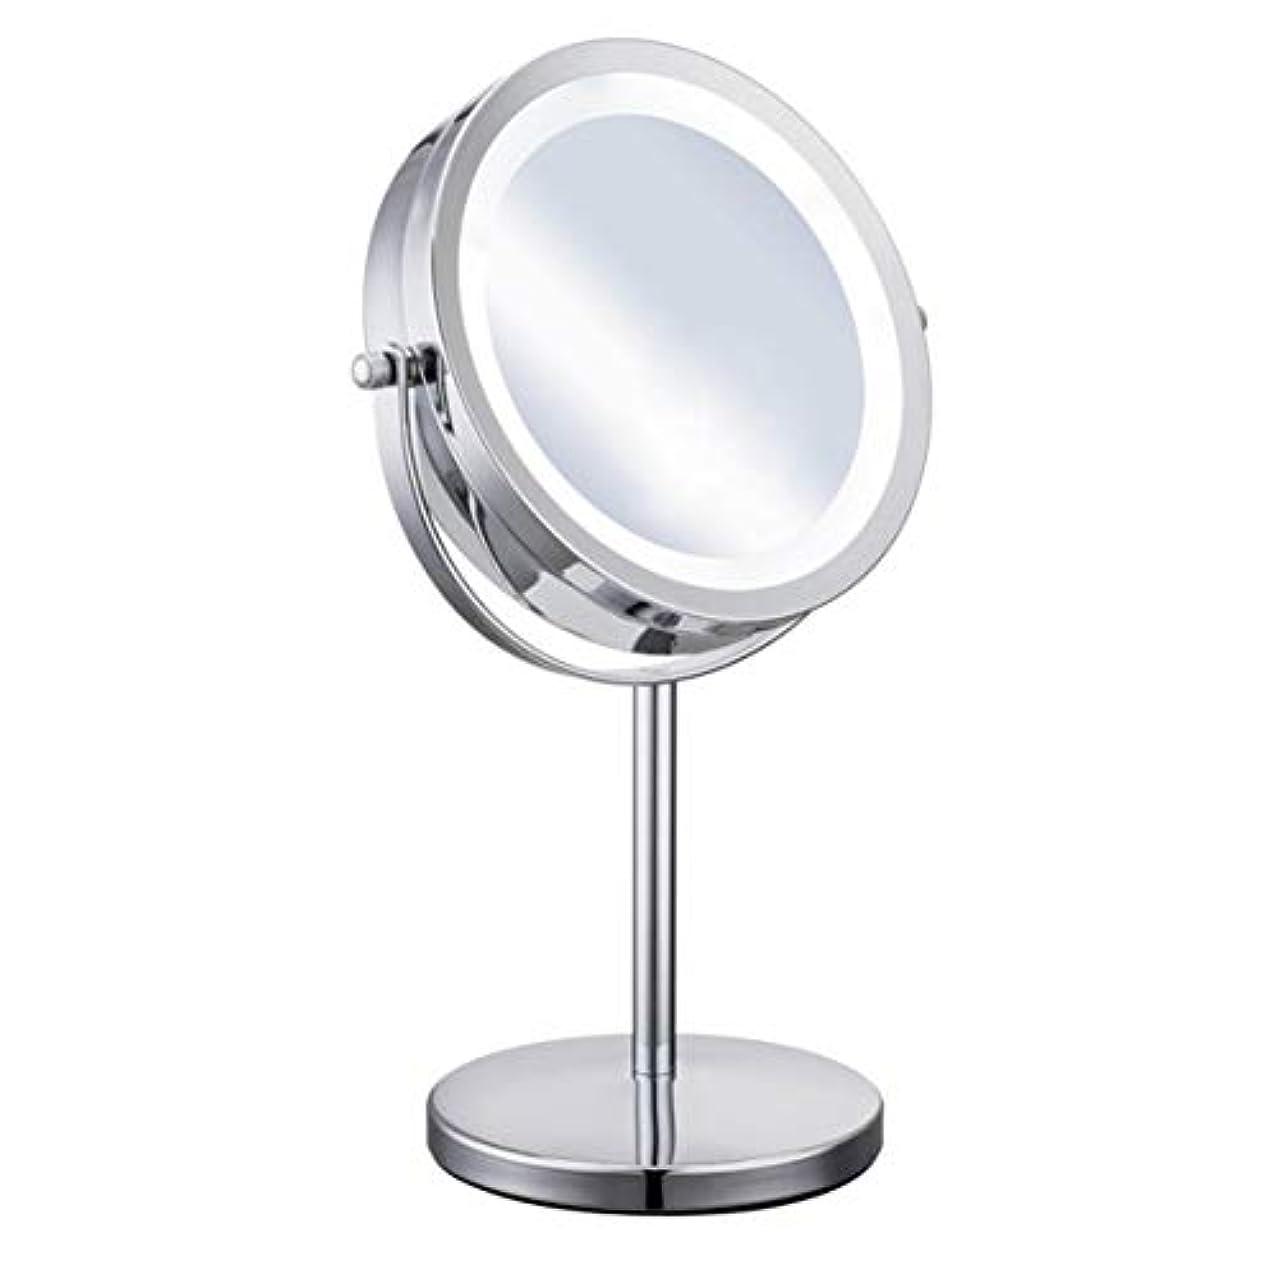 痛みブリーフケースエールIntercoreyポータブルサイズ5X倍率フェイシャル化粧品化粧品丸形LEDライト女性デスクトップ化粧鏡